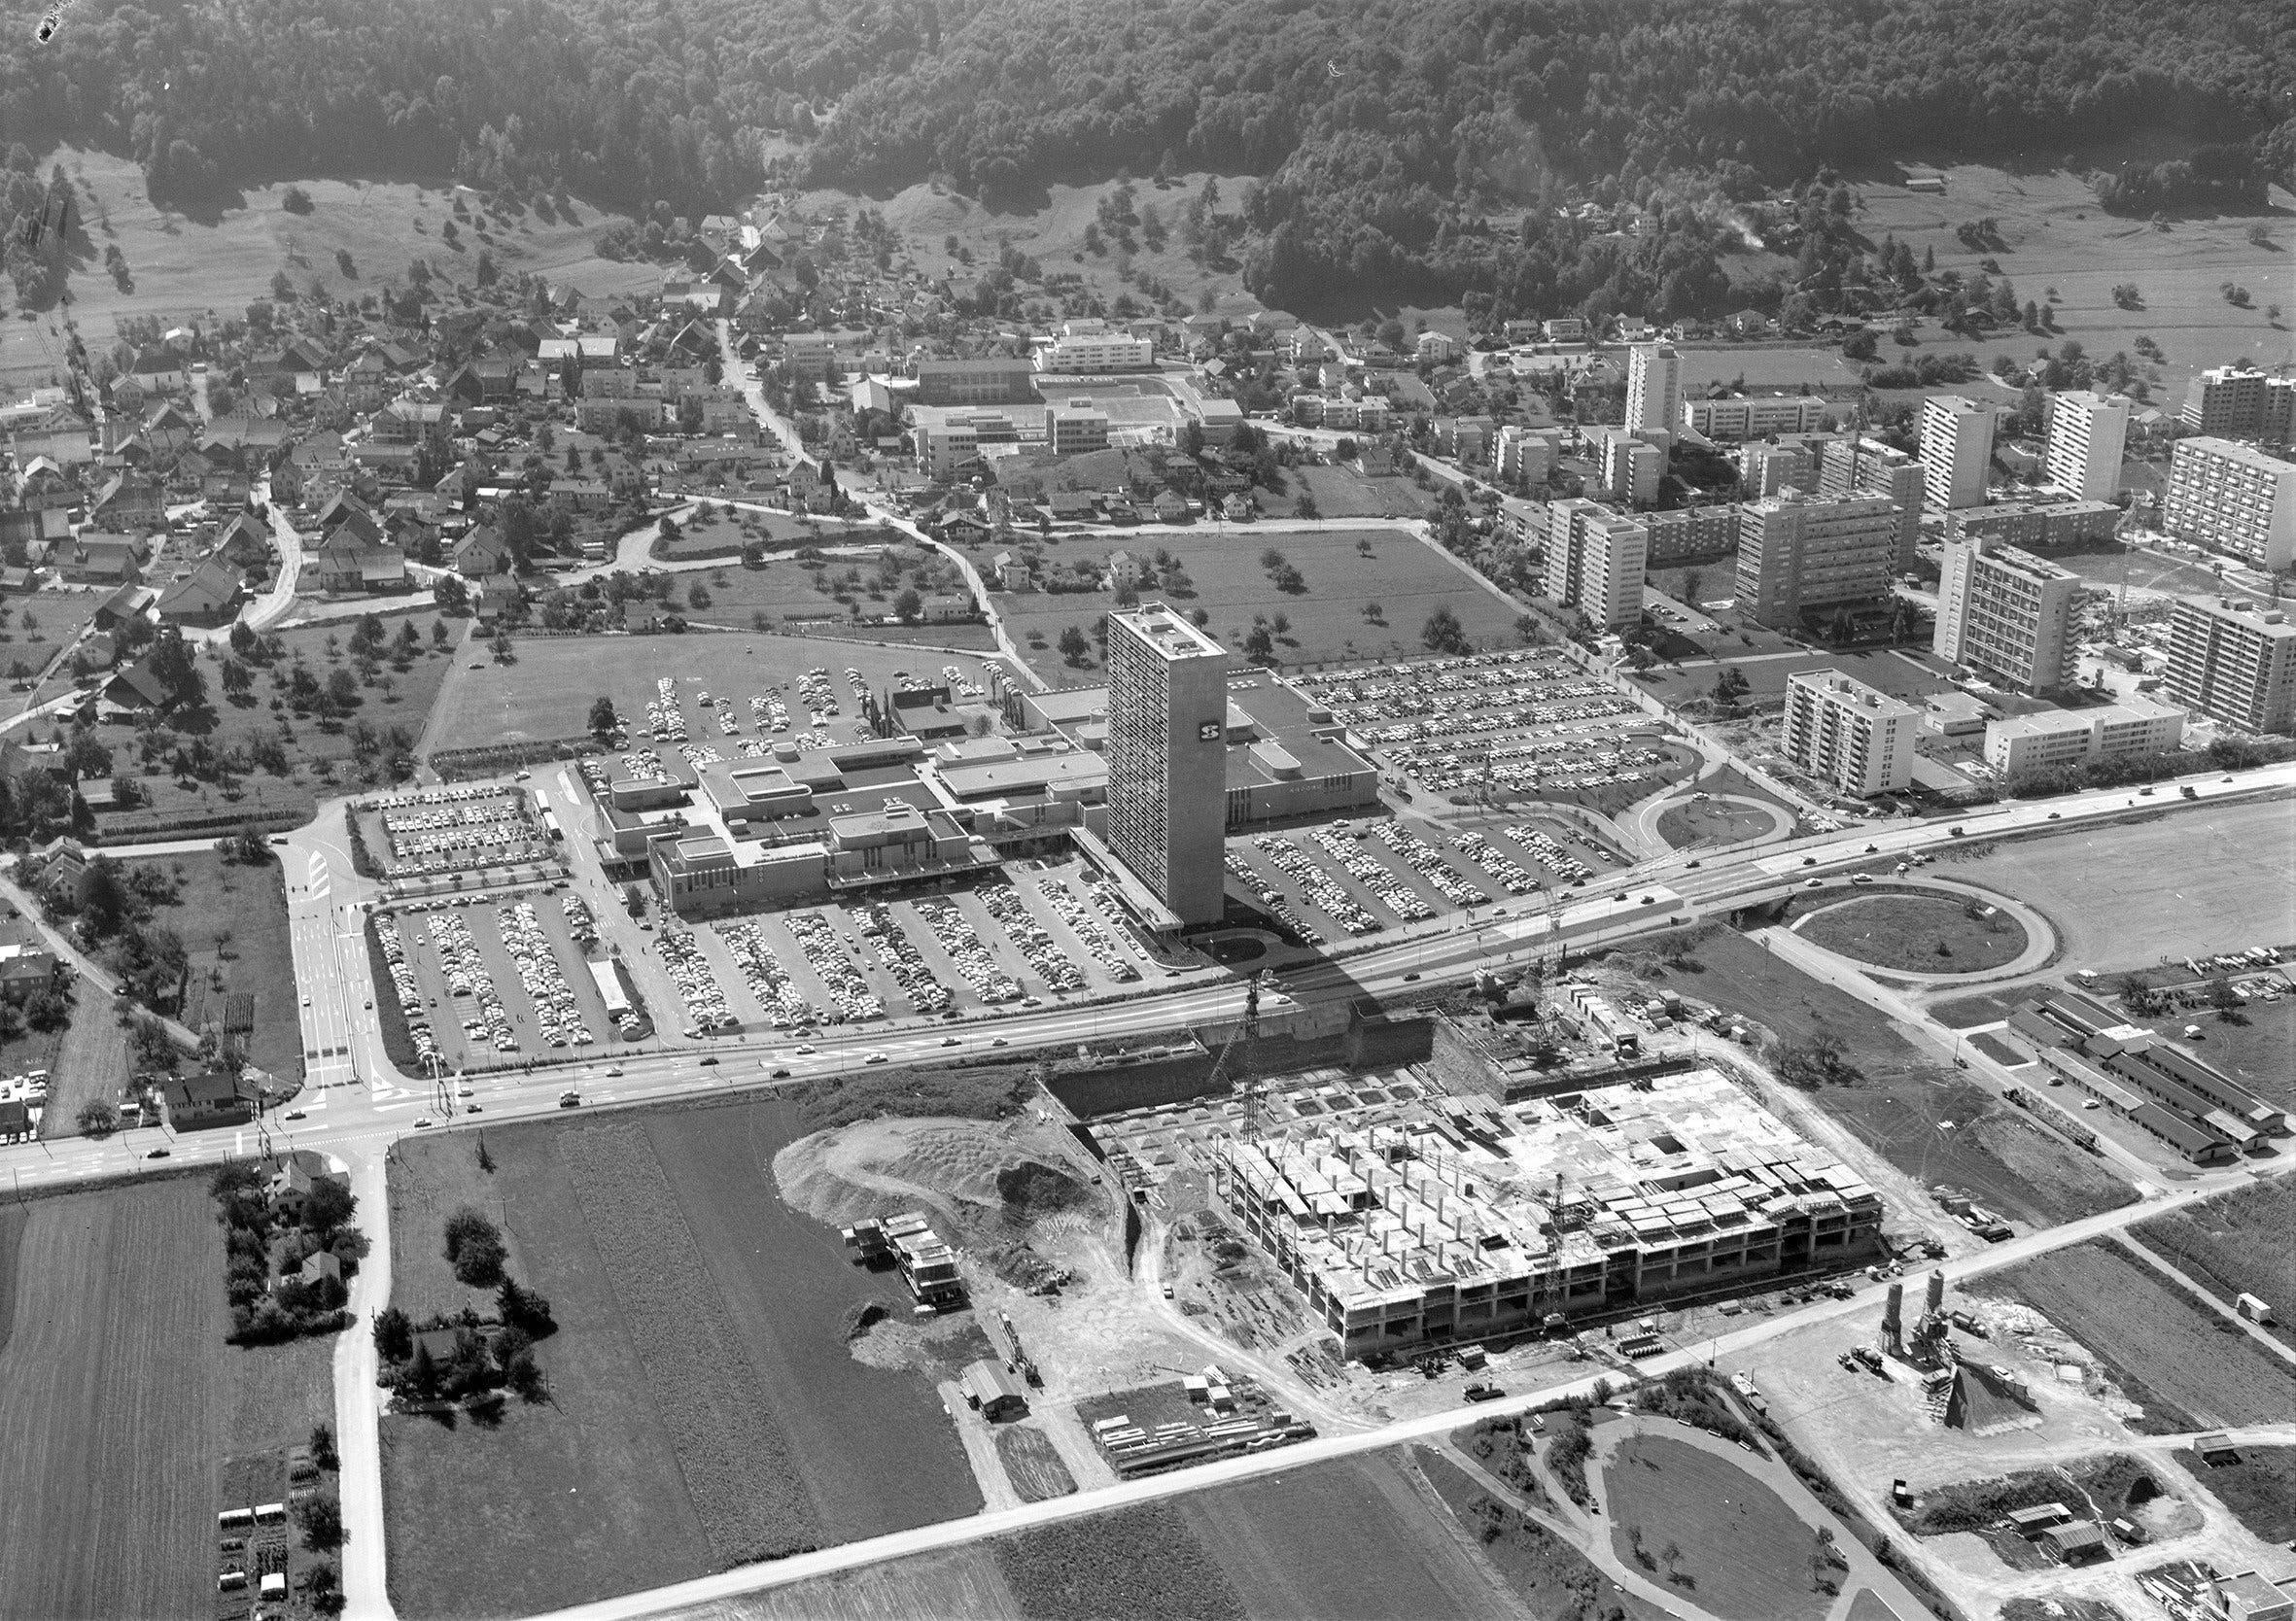 Flugaufnahme von Spreitenbach 1972 mit dem Shoppi im Vordergrund. Links der alte Dorfkern, rechts Neu-Spreitenbach.